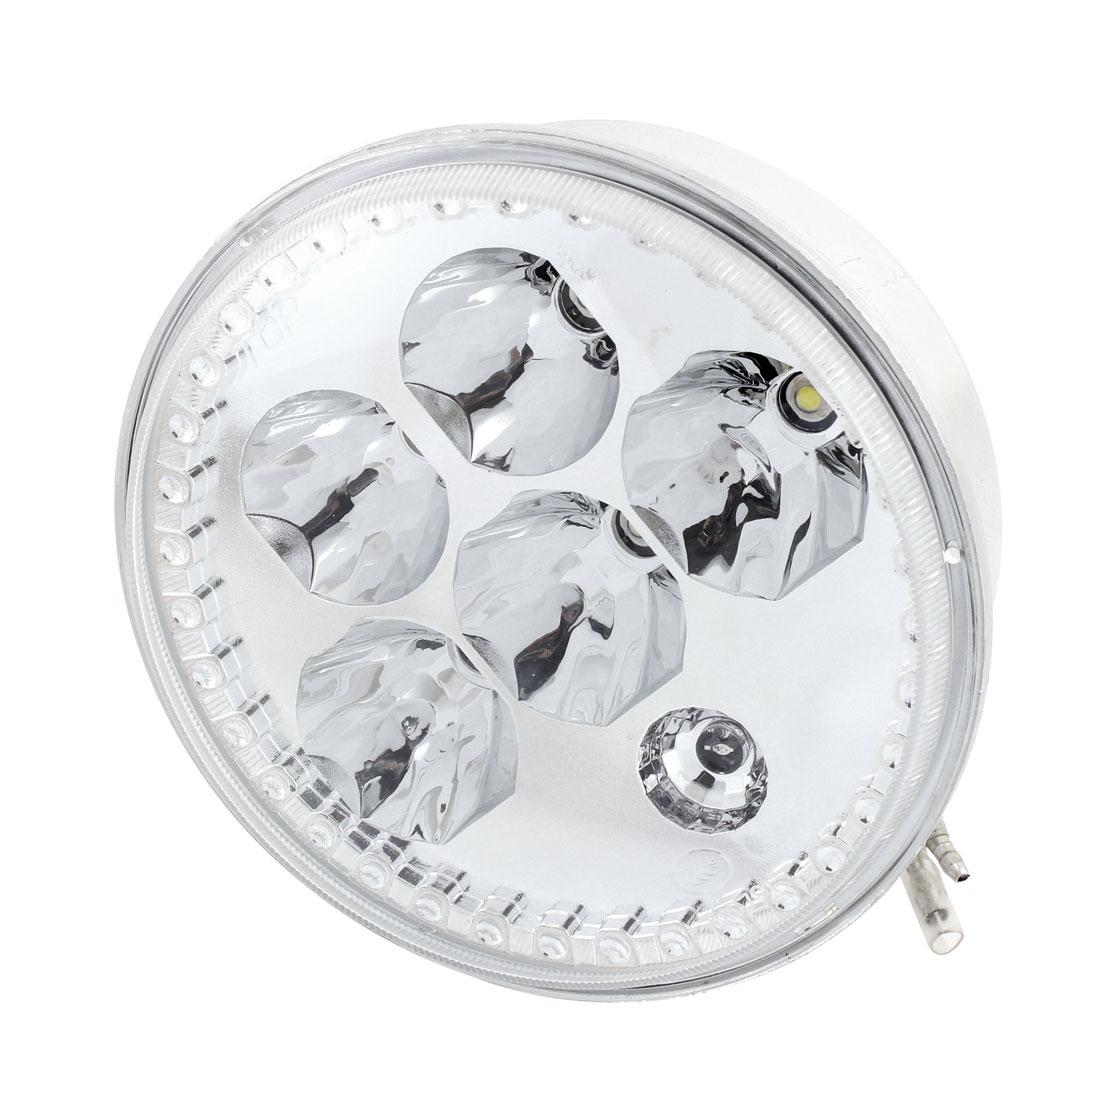 Motorcycle Front Indicator Round White 6 LED Head Light Fog Lamp